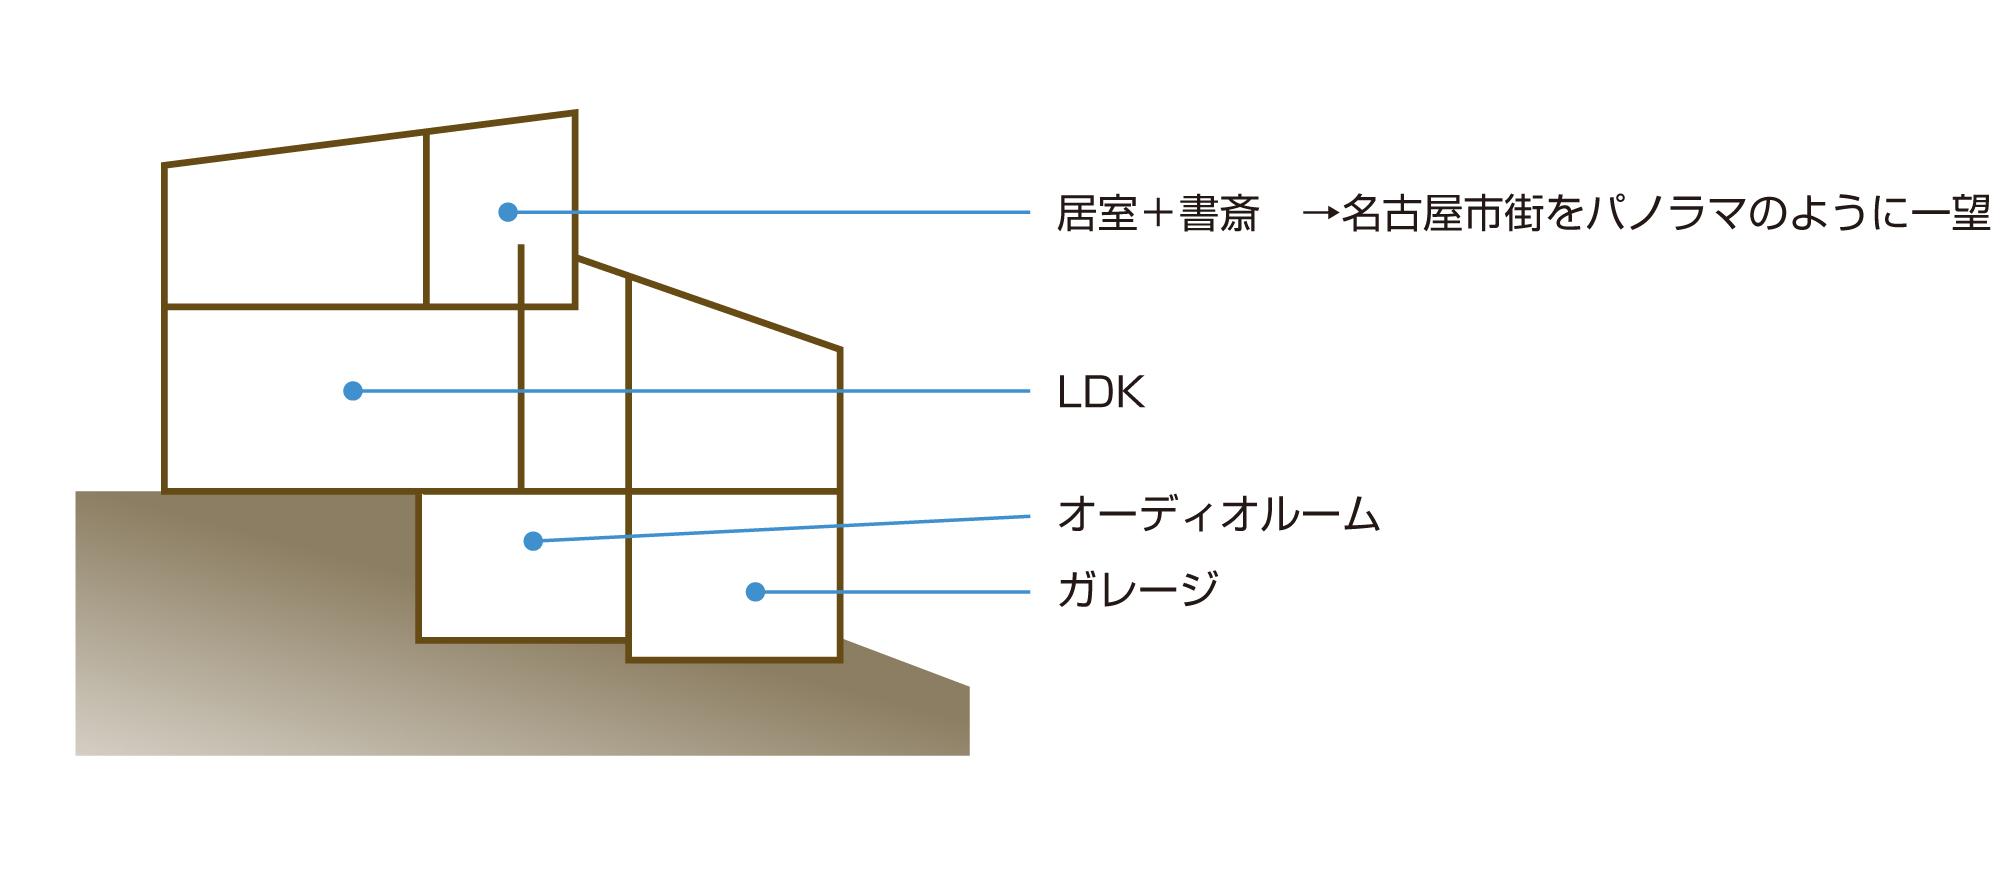 斜面(ノリ面)はRC(鉄筋コンクリート)で基礎を固め、その上に木造軸組工法の住まい。